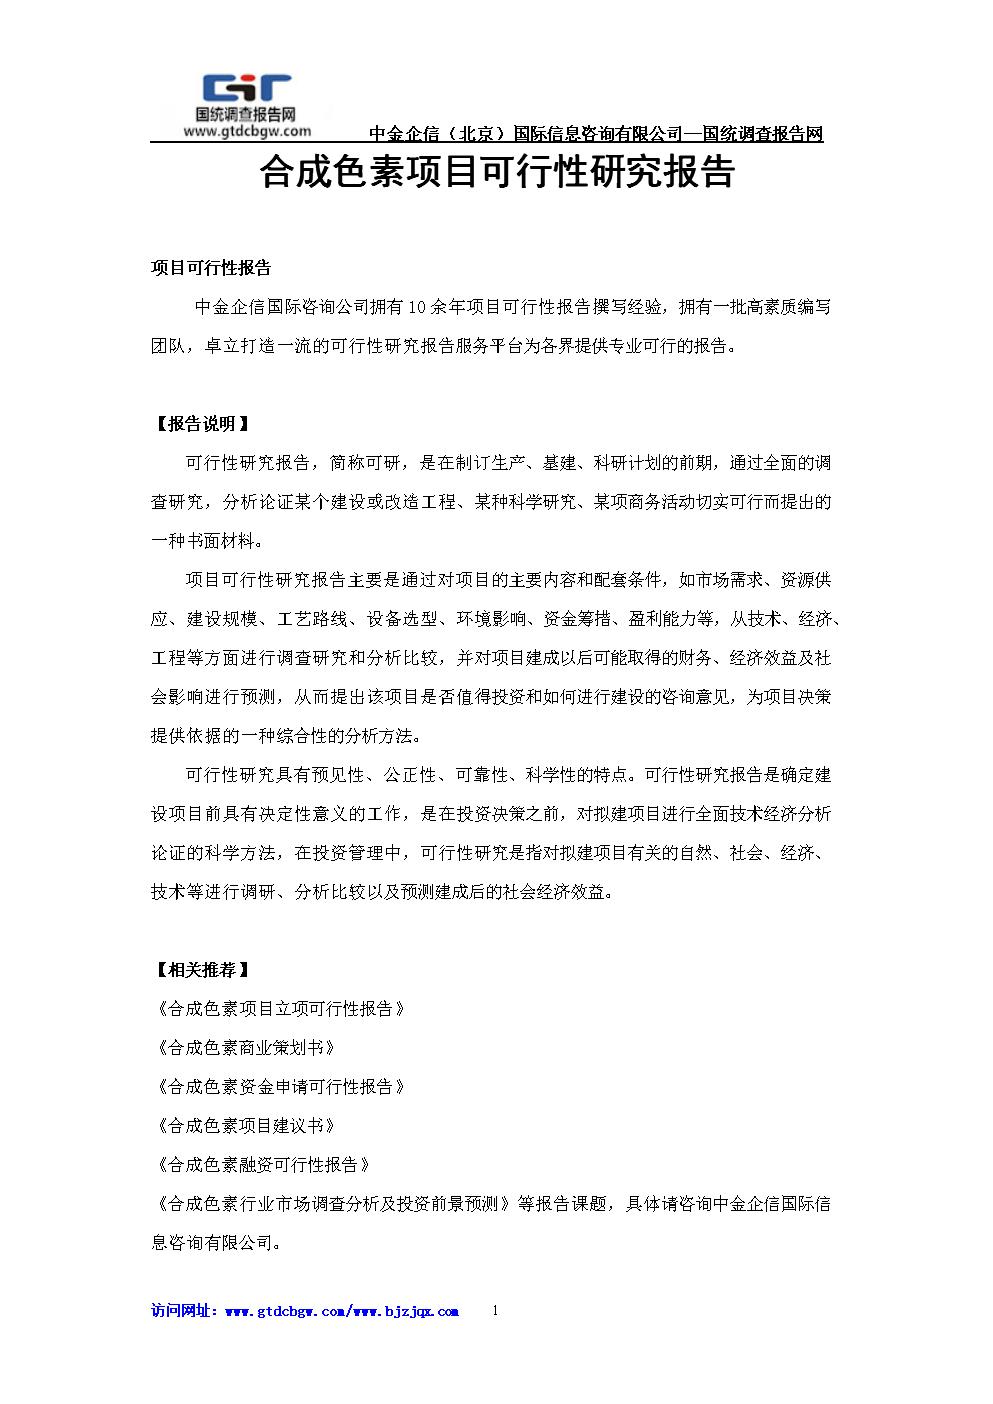 合成色素项目可行性研究报告.doc